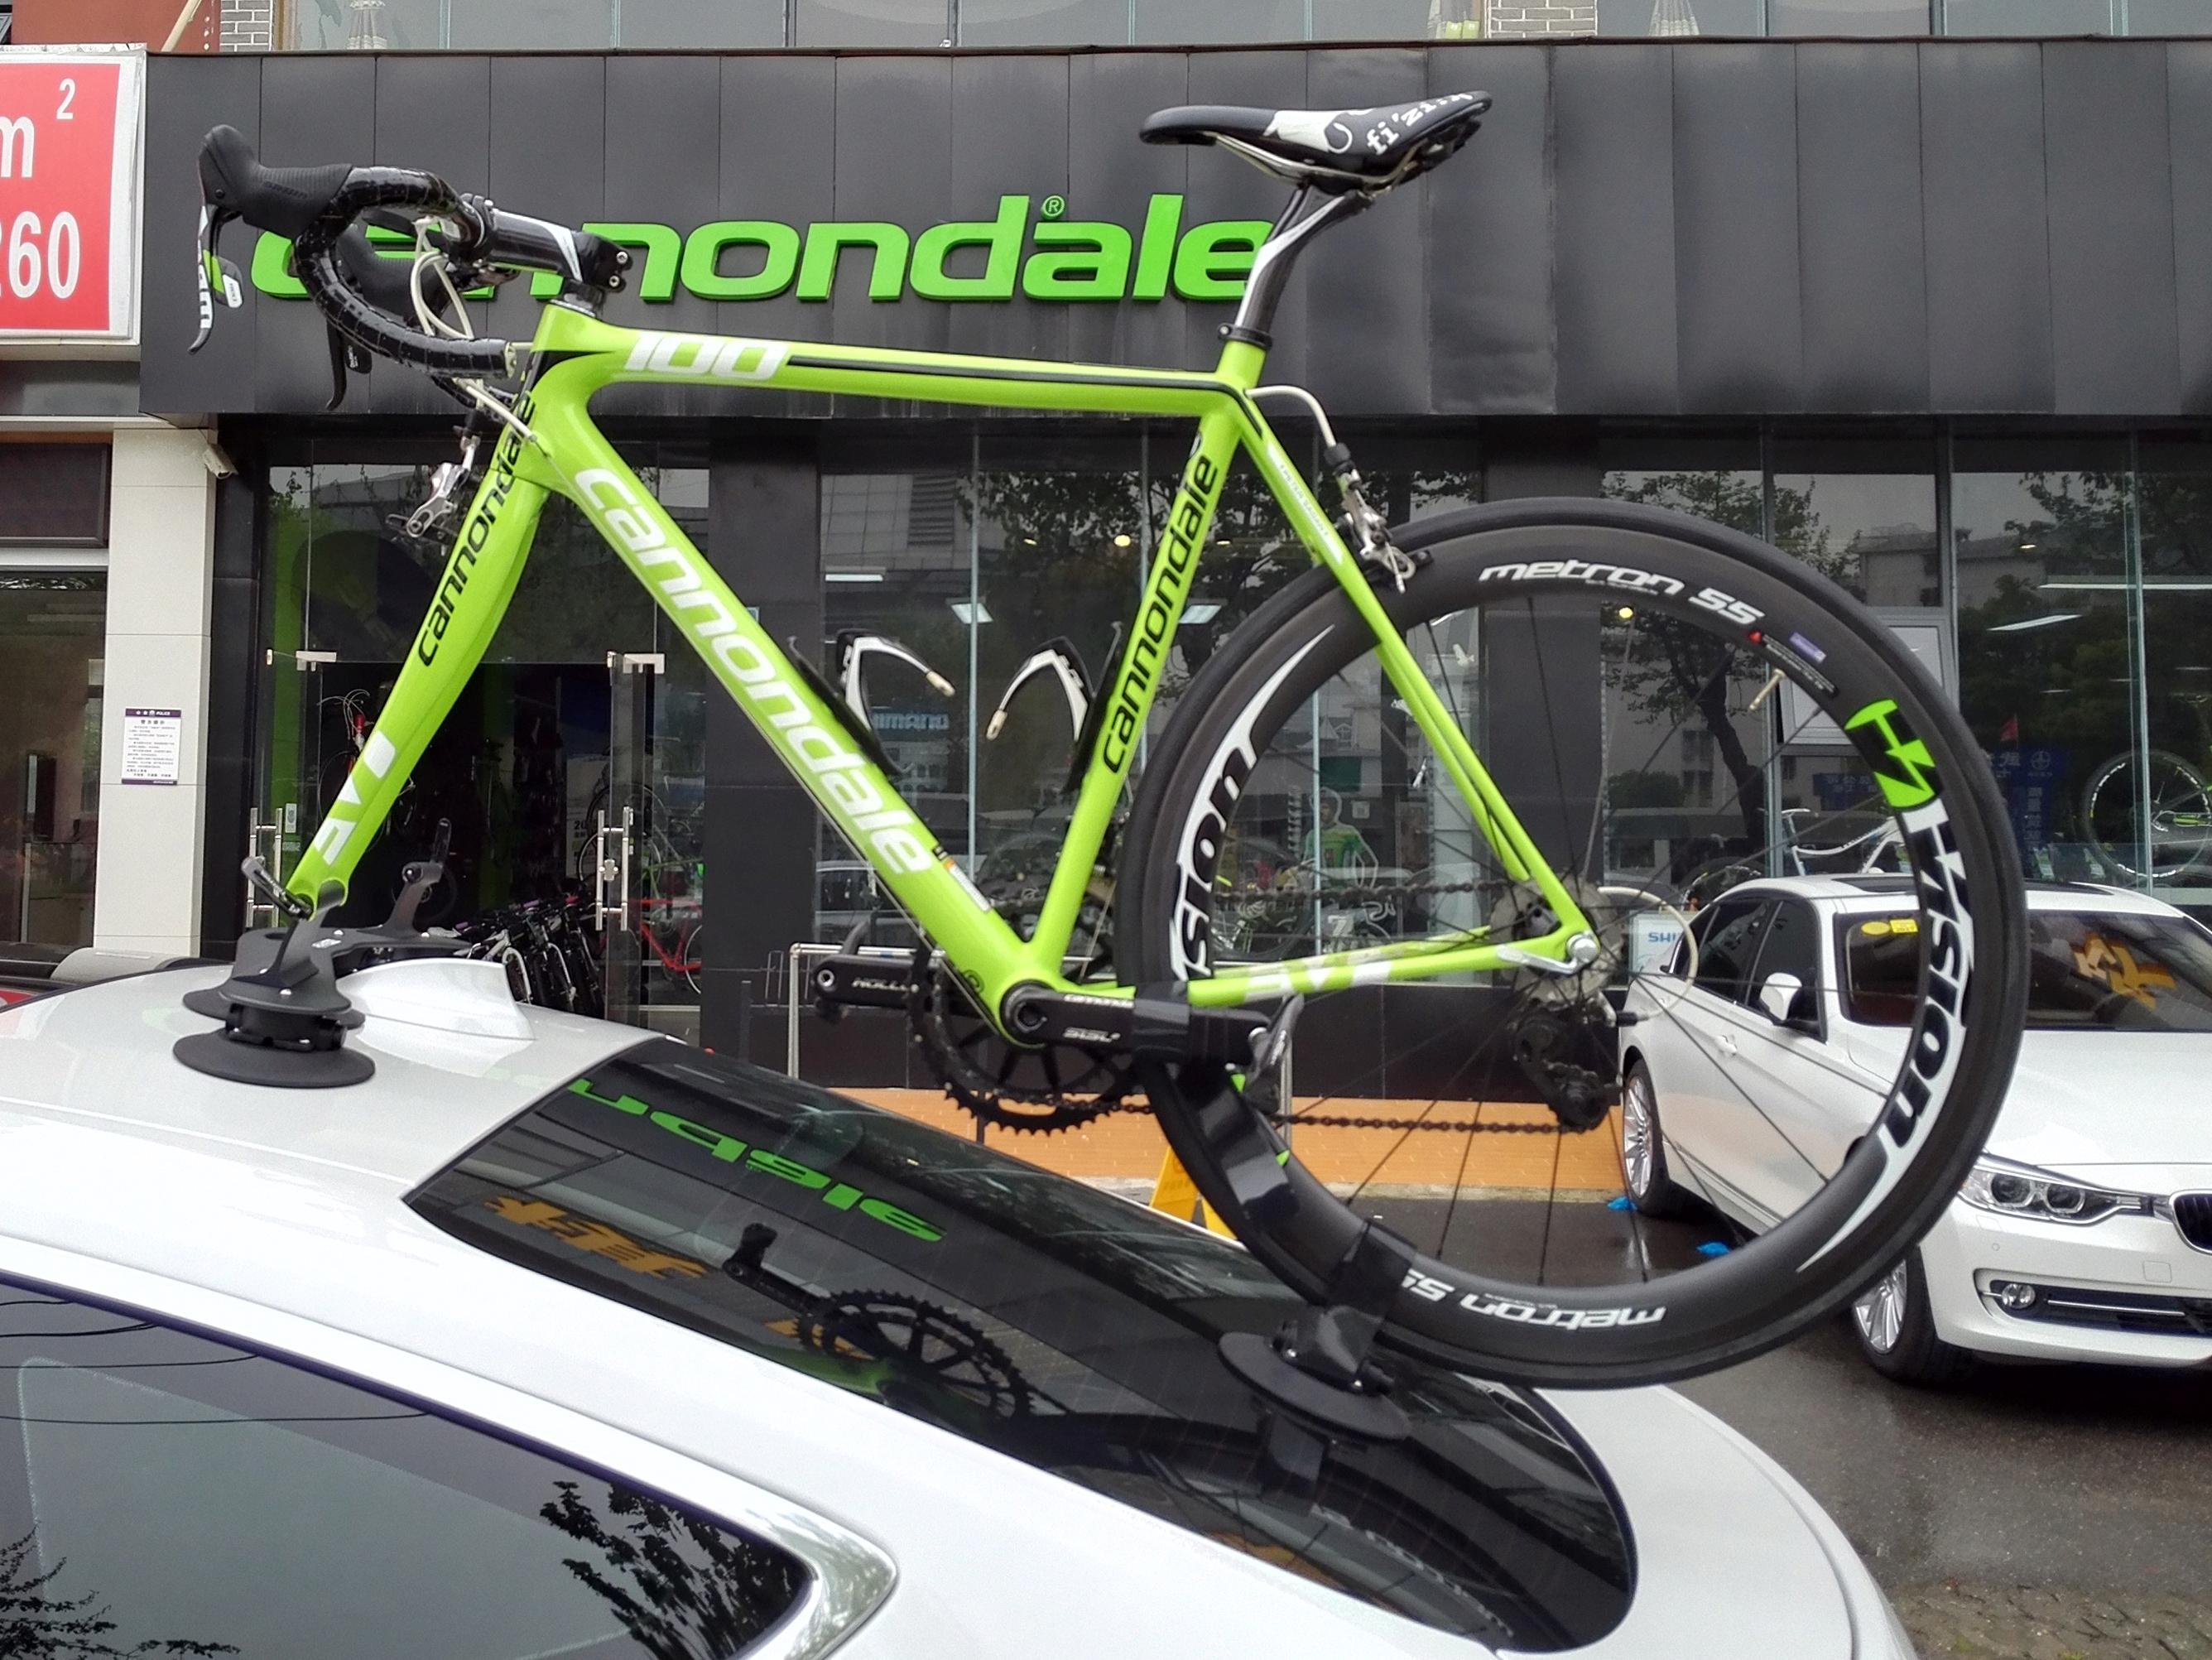 Portabicis Tour Tipo San Remo Con Cierre A Las Barras Techo Bici Bicicleta